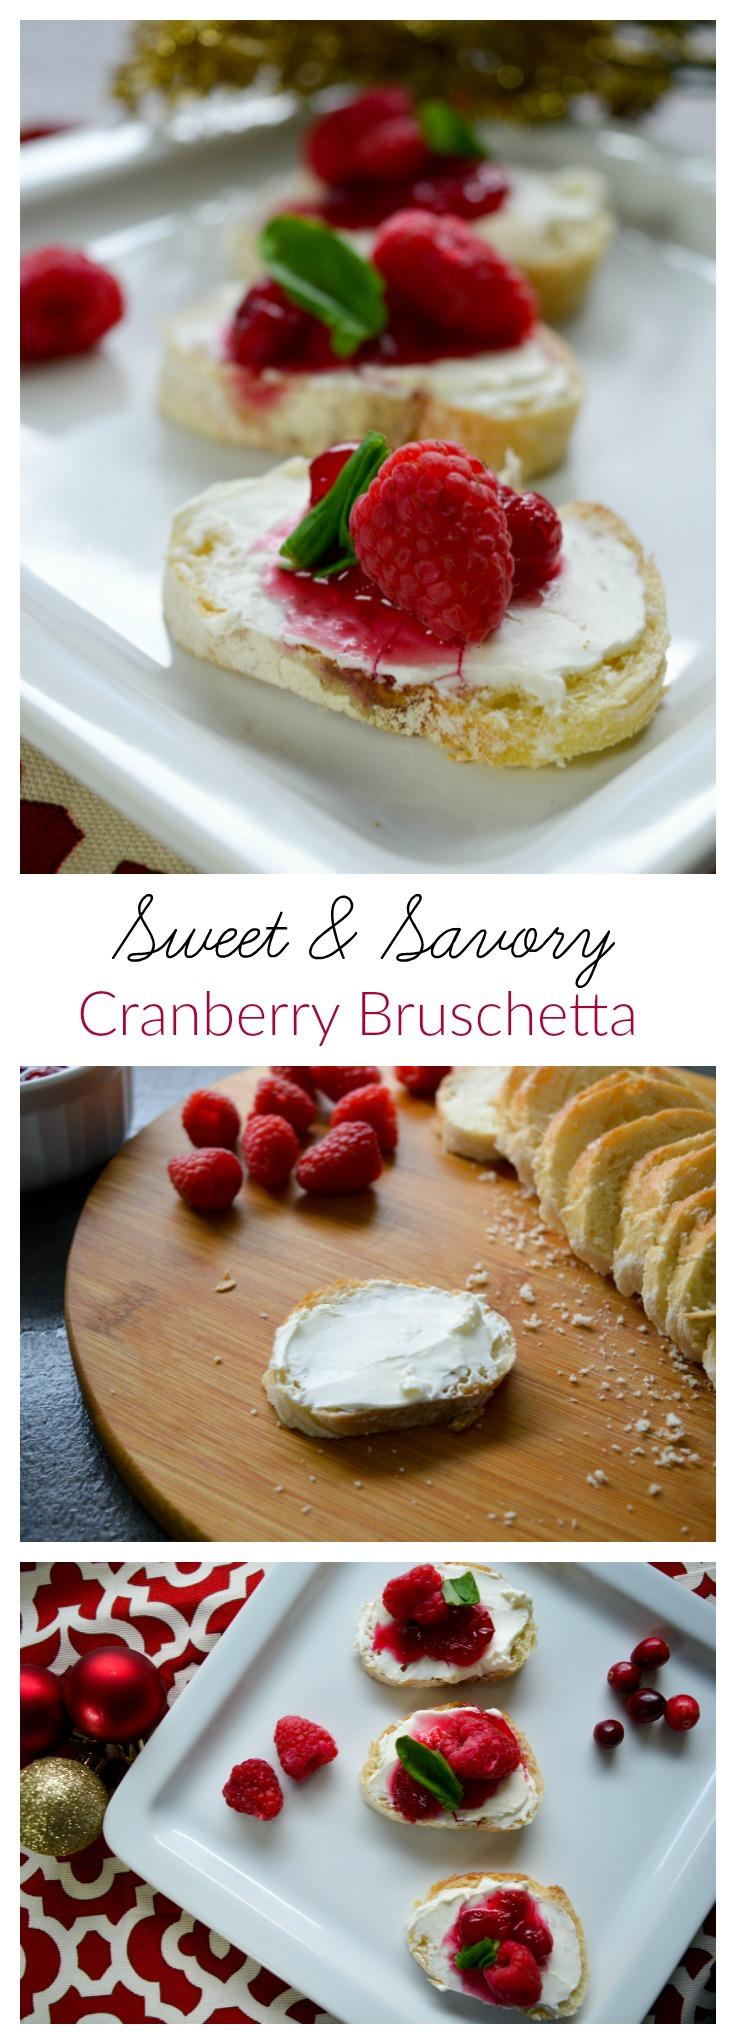 cranberry-bruschetta-crostini